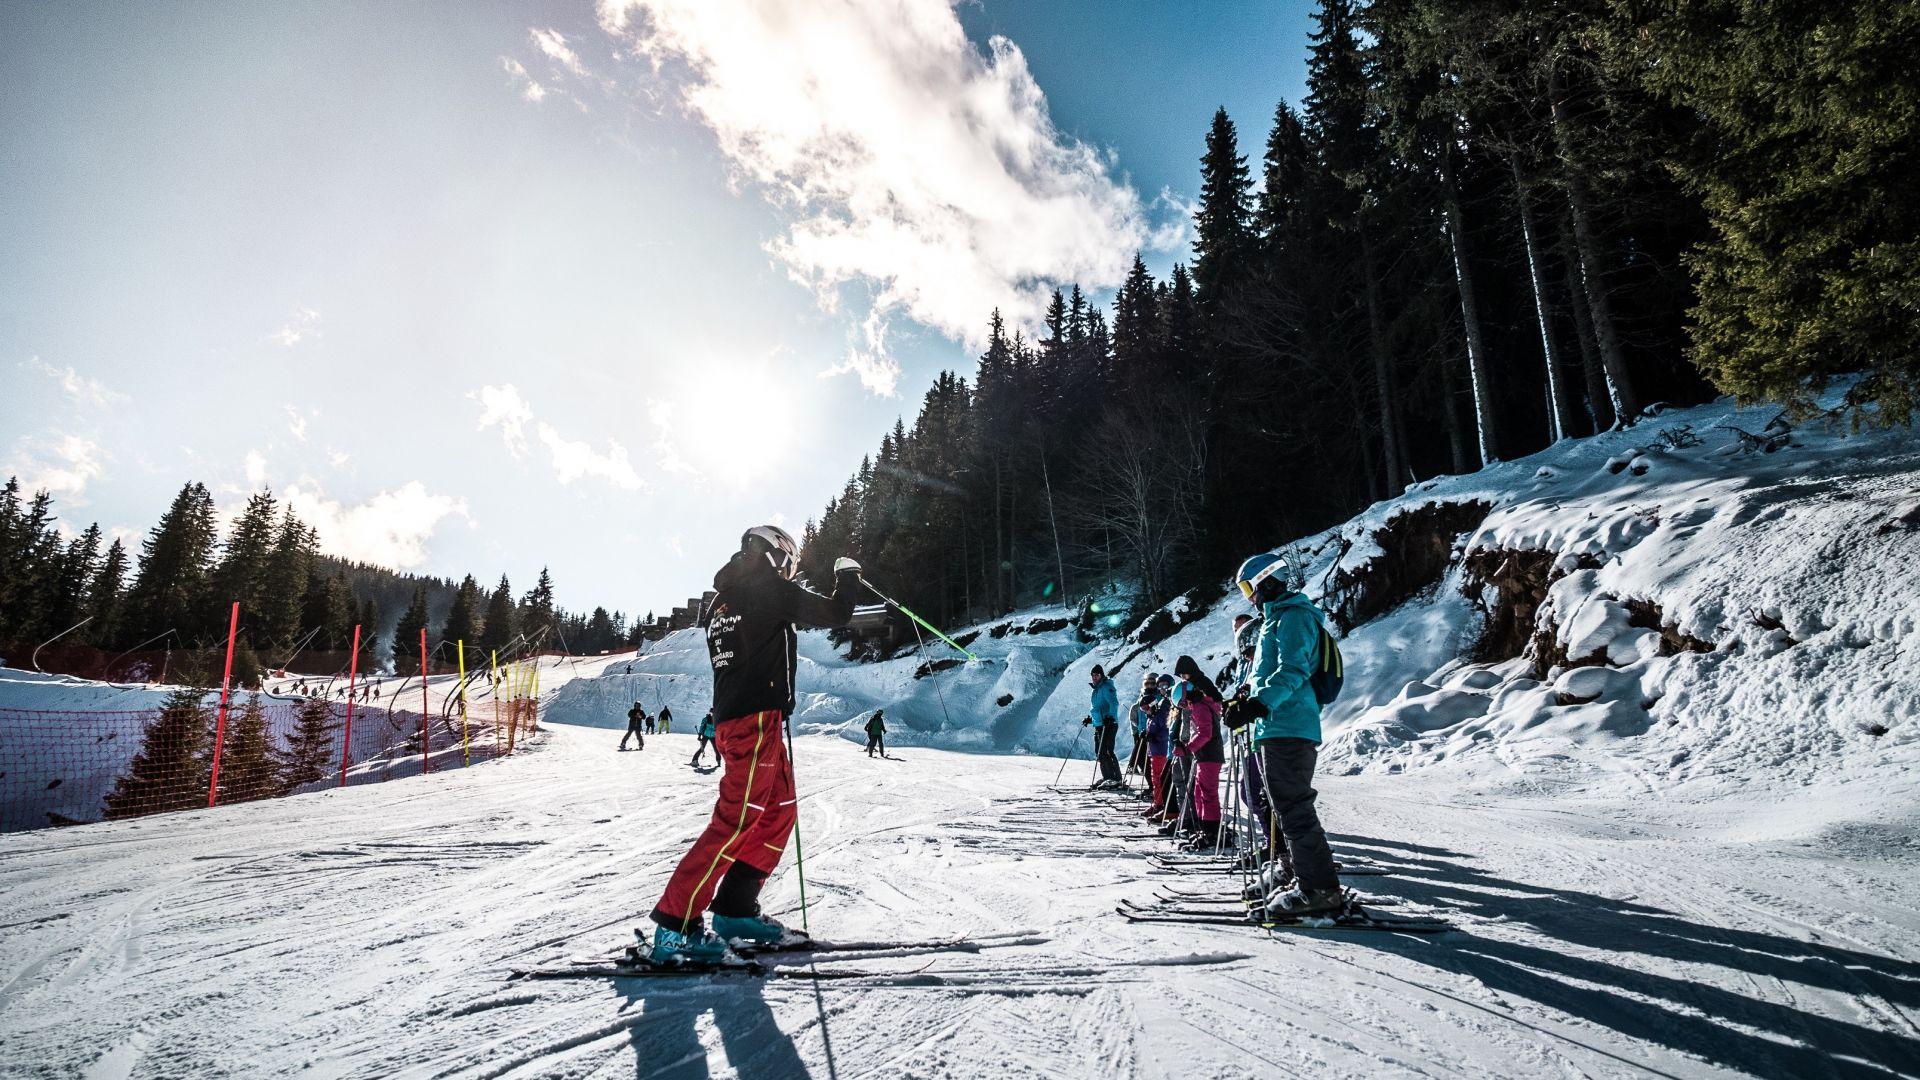 Министерството на туризма: Ски курортите в България са безопасни